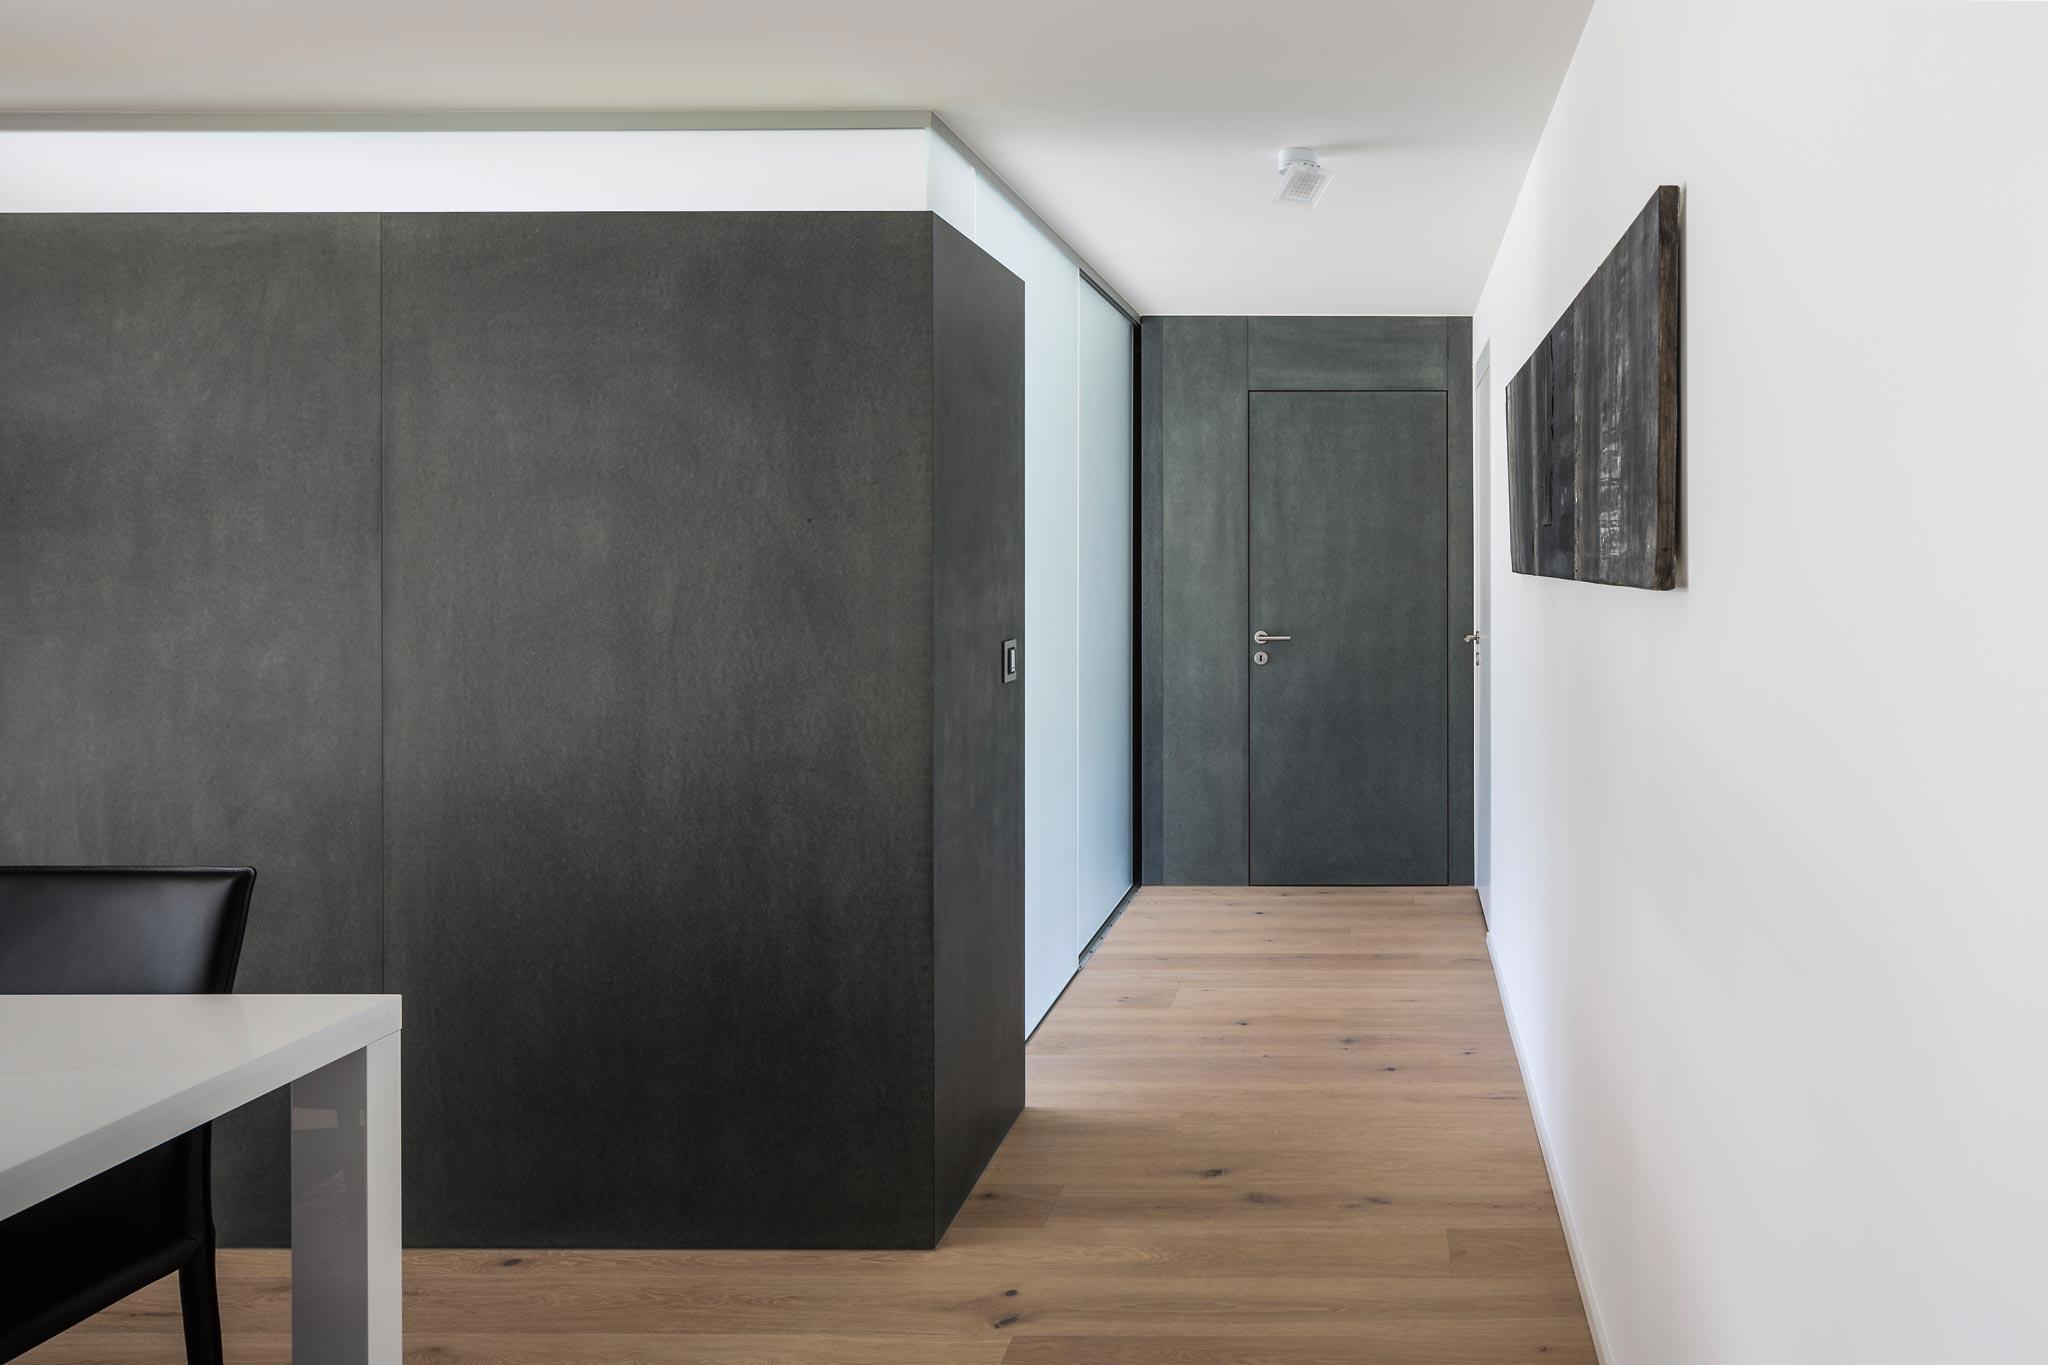 ES Bru 3680 chambre hor 20 05 028 - Une pièce modulable à Fully (Bj)